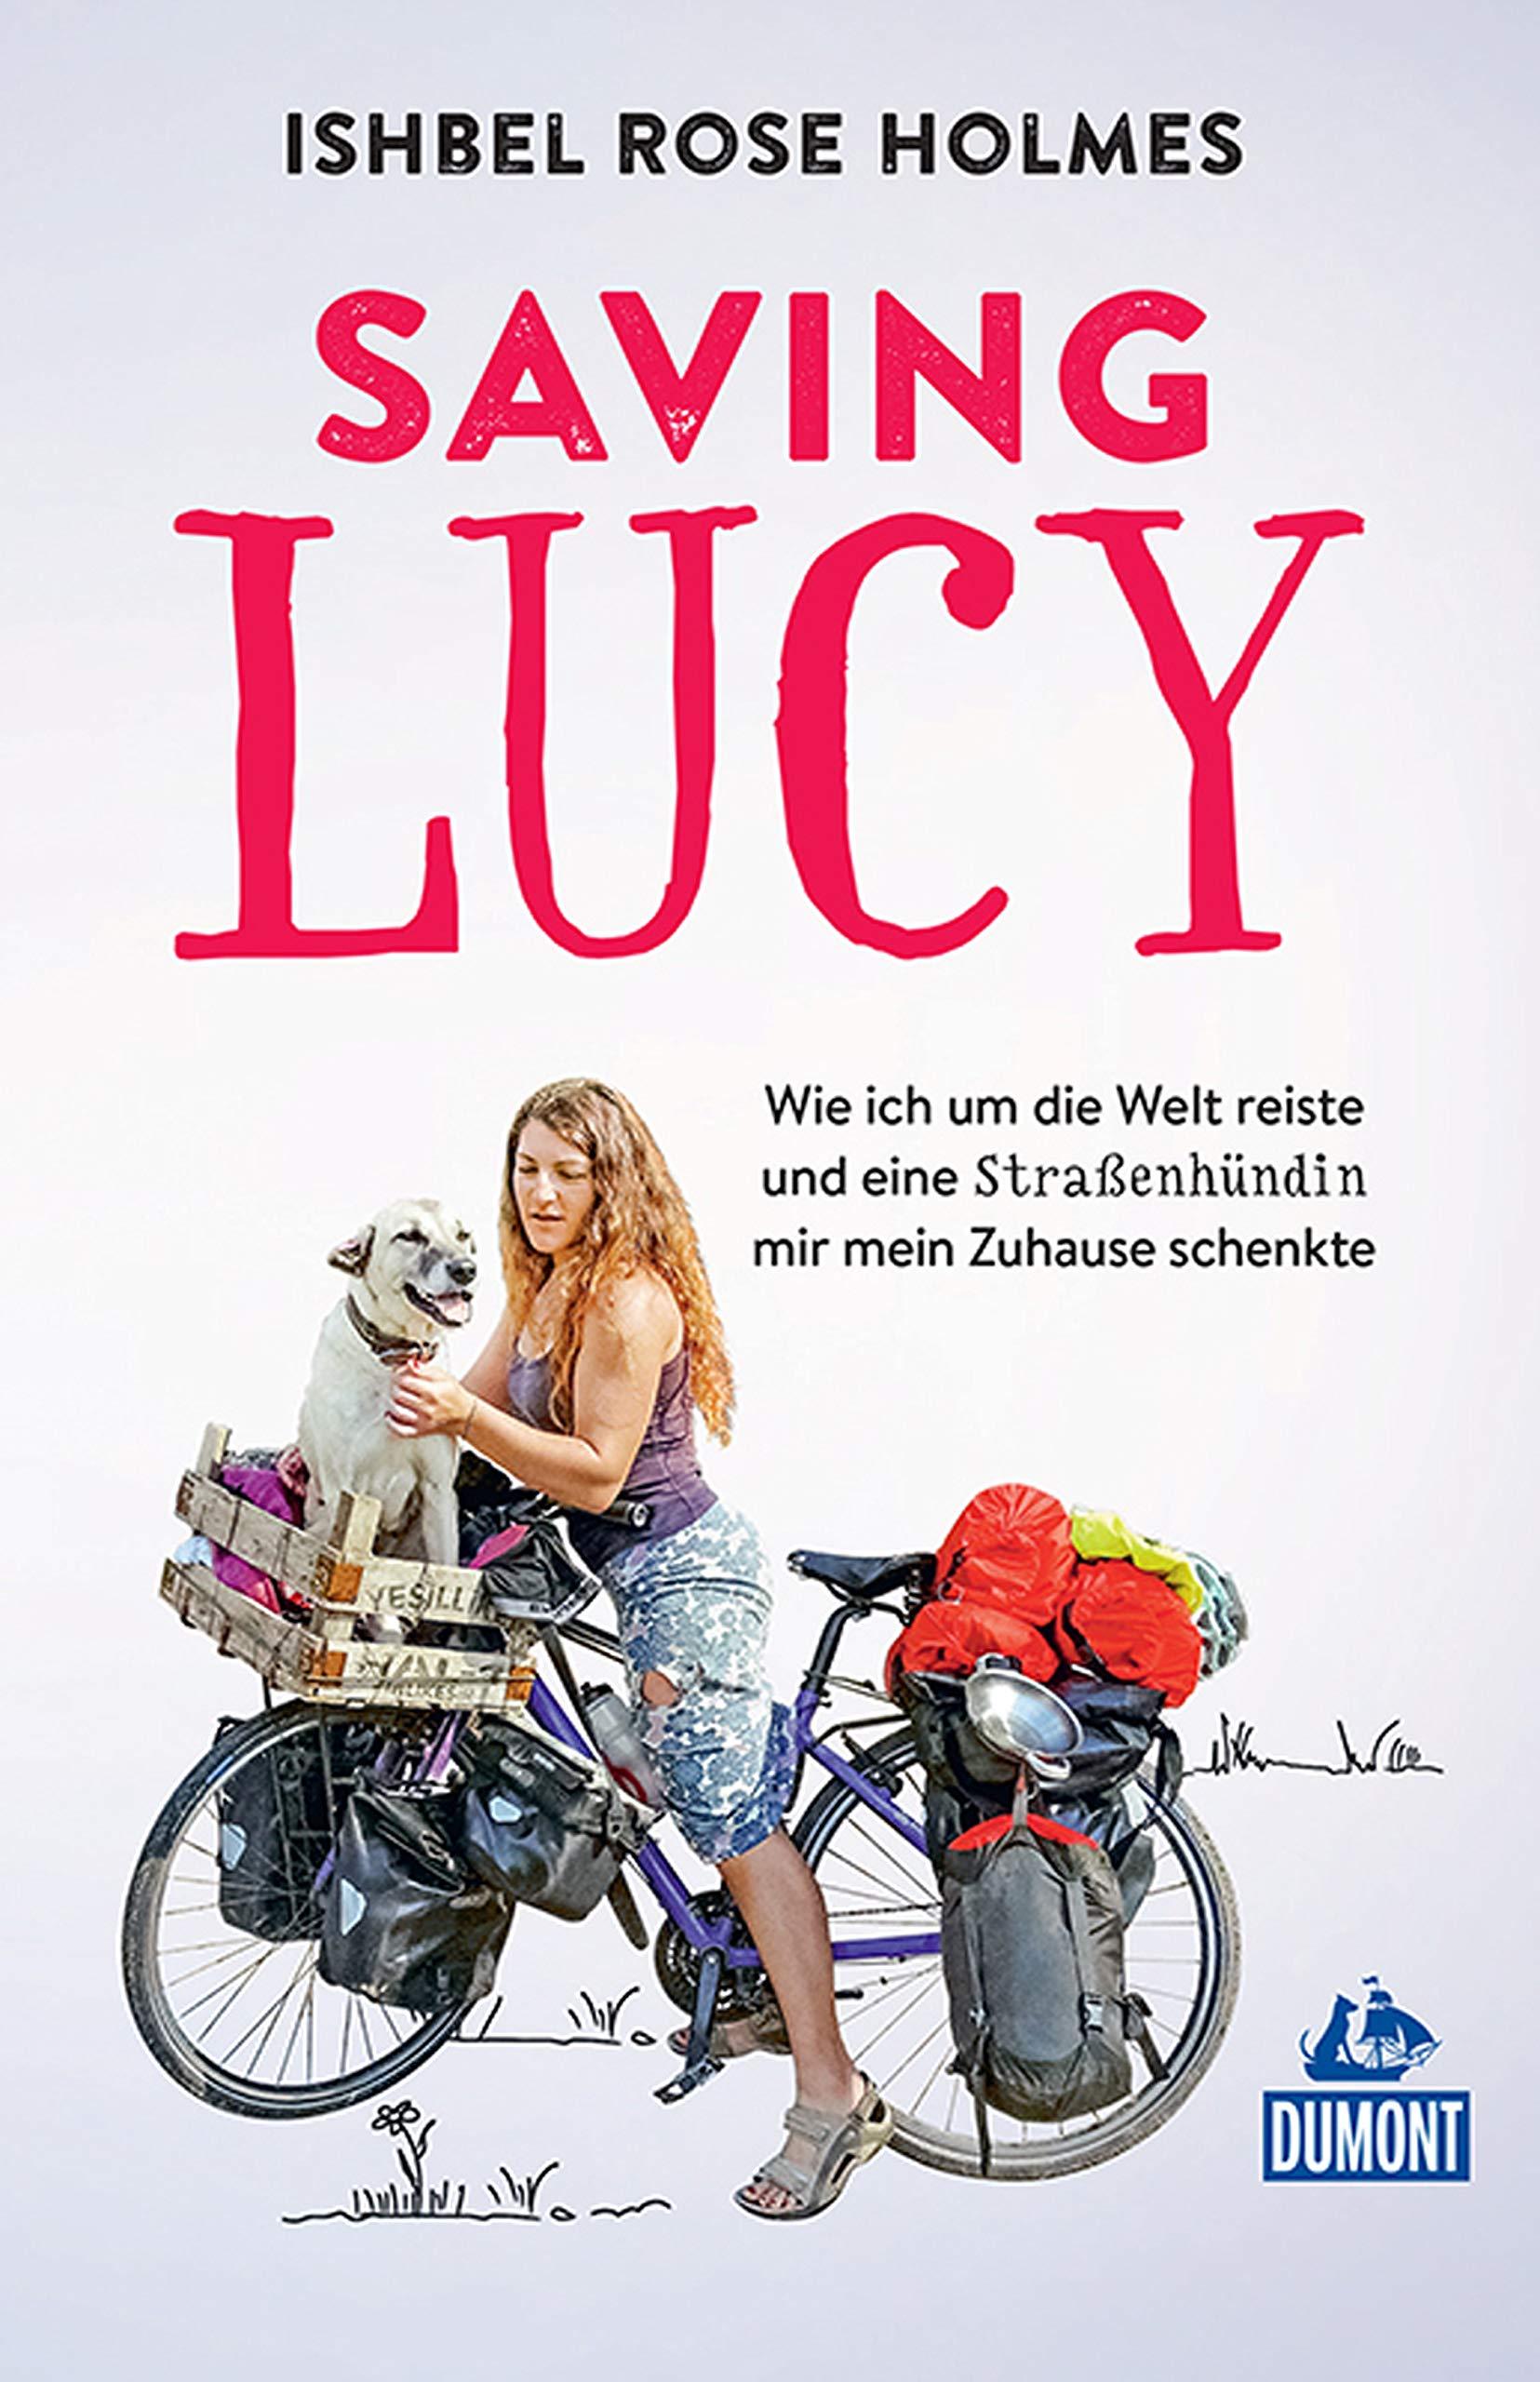 DuMont Welt Menschen Reisen Saving Lucy  Wie Ich Um Die Welt Reiste Und Eine Straßenhündin Mir Mein Zuhause Schenkte  DuMont Reiseabenteuer E Book